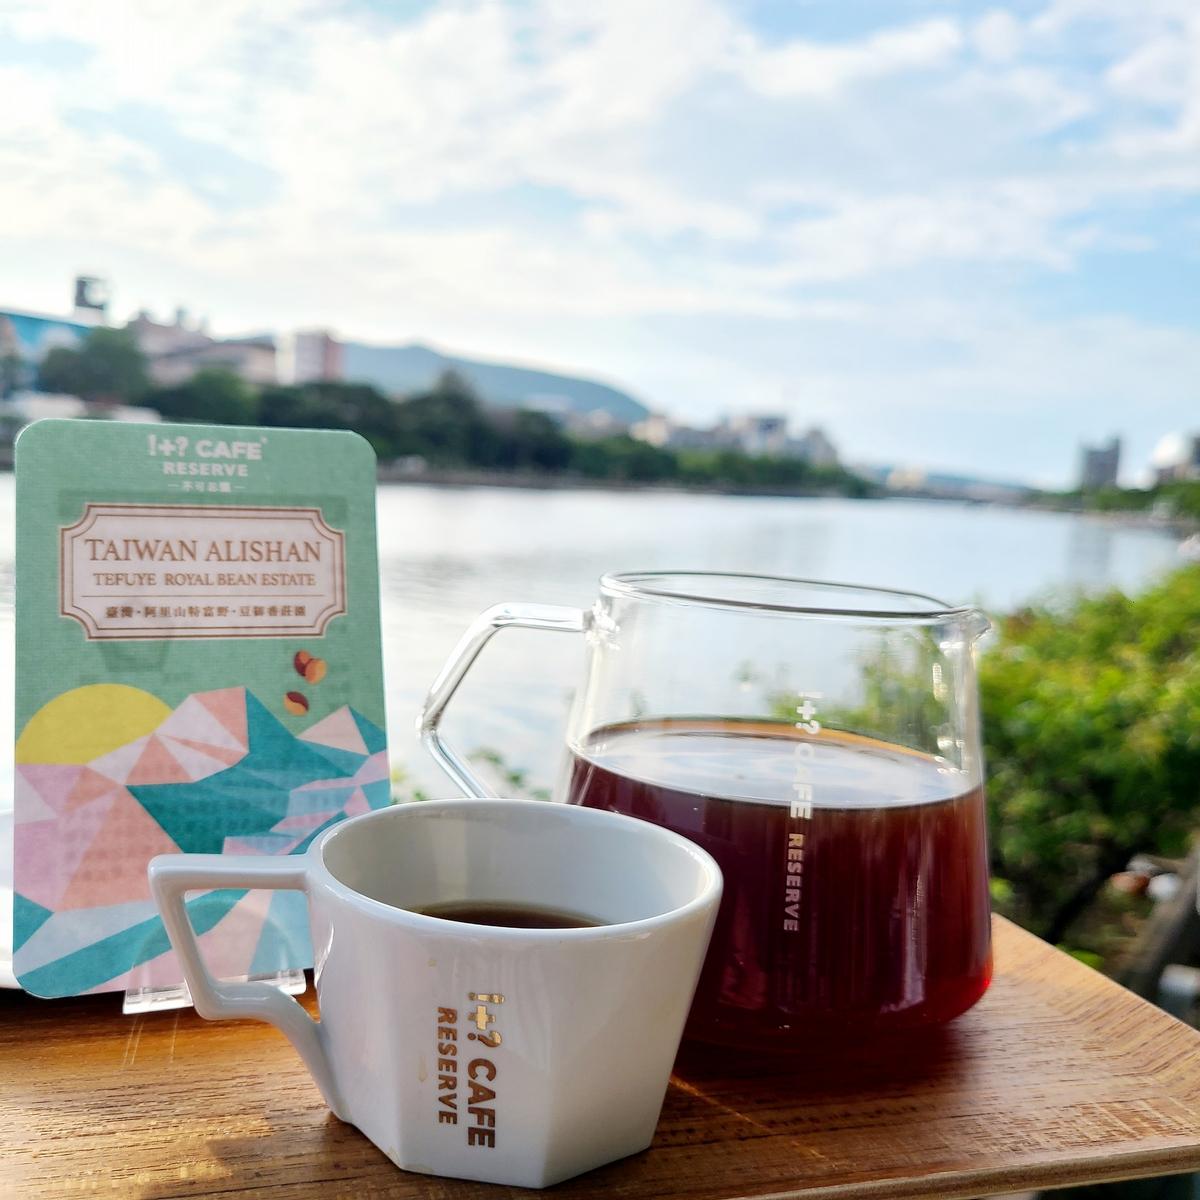 饕客必喝在地精品咖啡!7-11「阿里山咖啡季」登場!